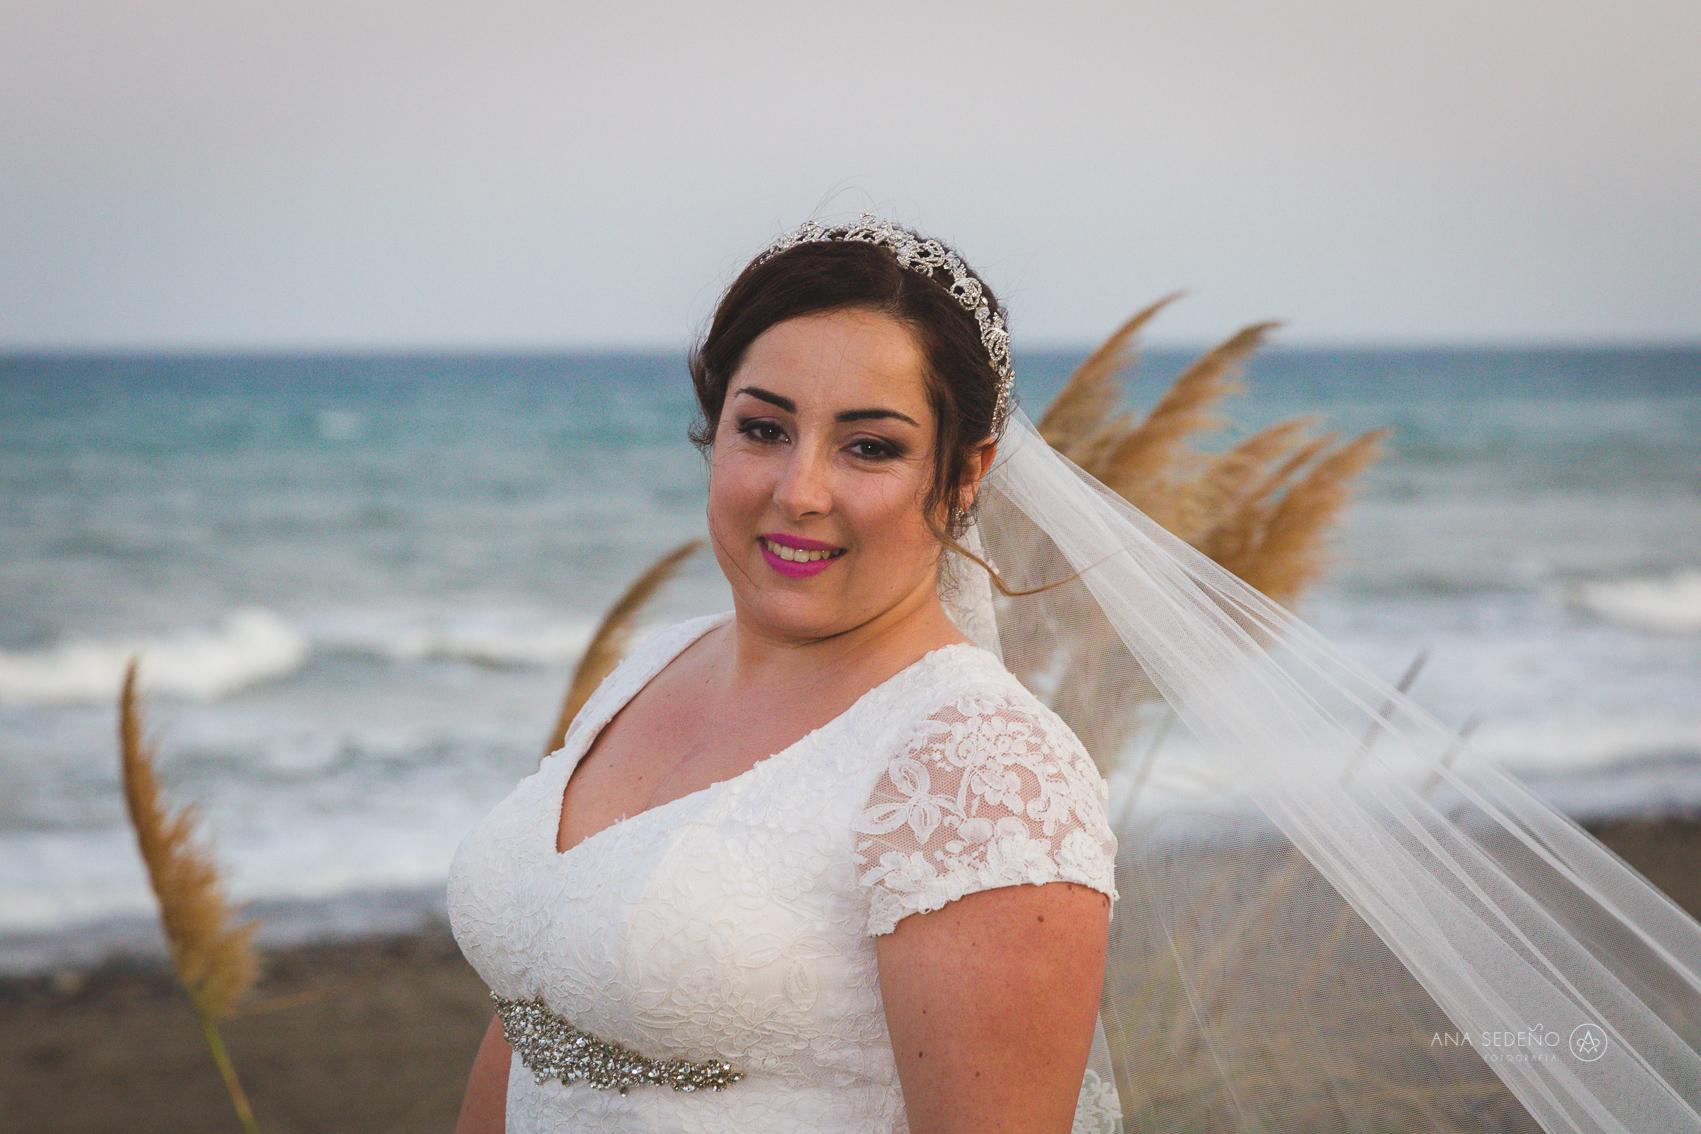 Ana Sedeño Fotografa.-074